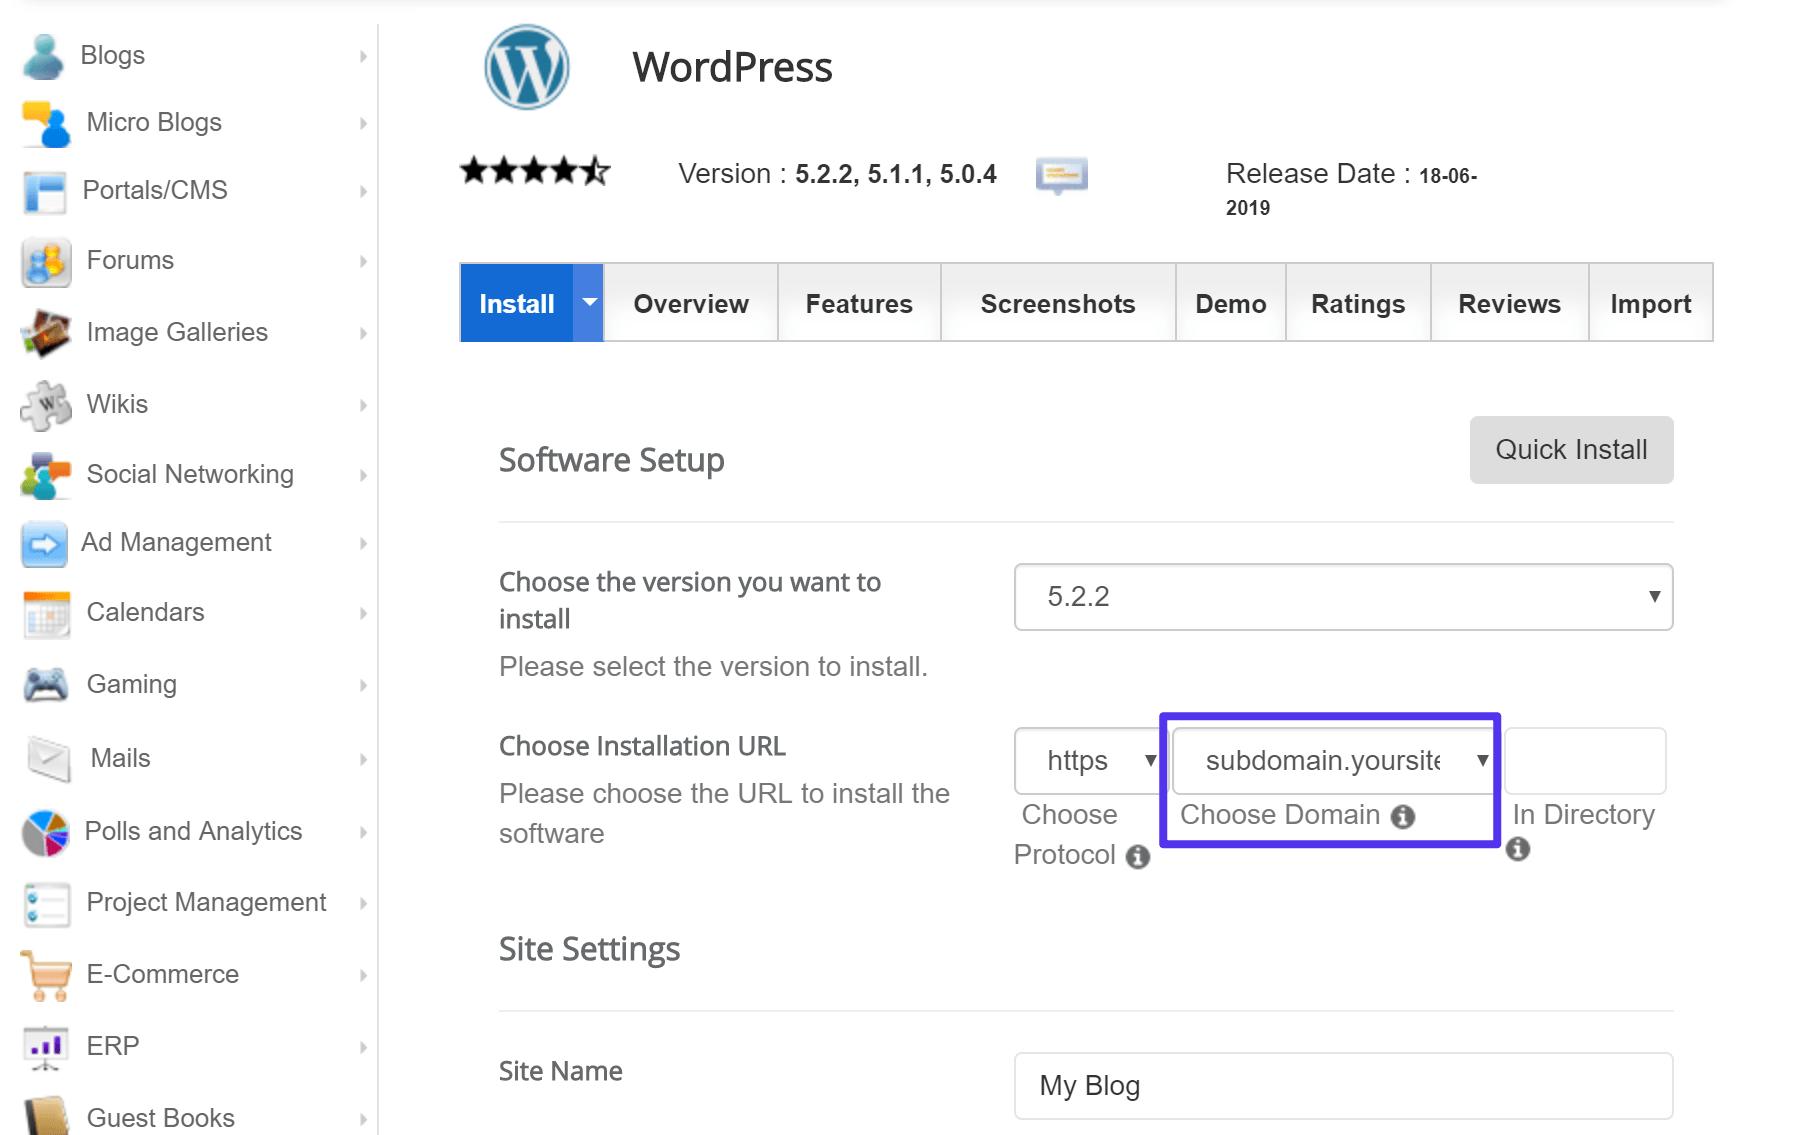 Cómo instalar WordPress en un subdominio con un autoinstalador